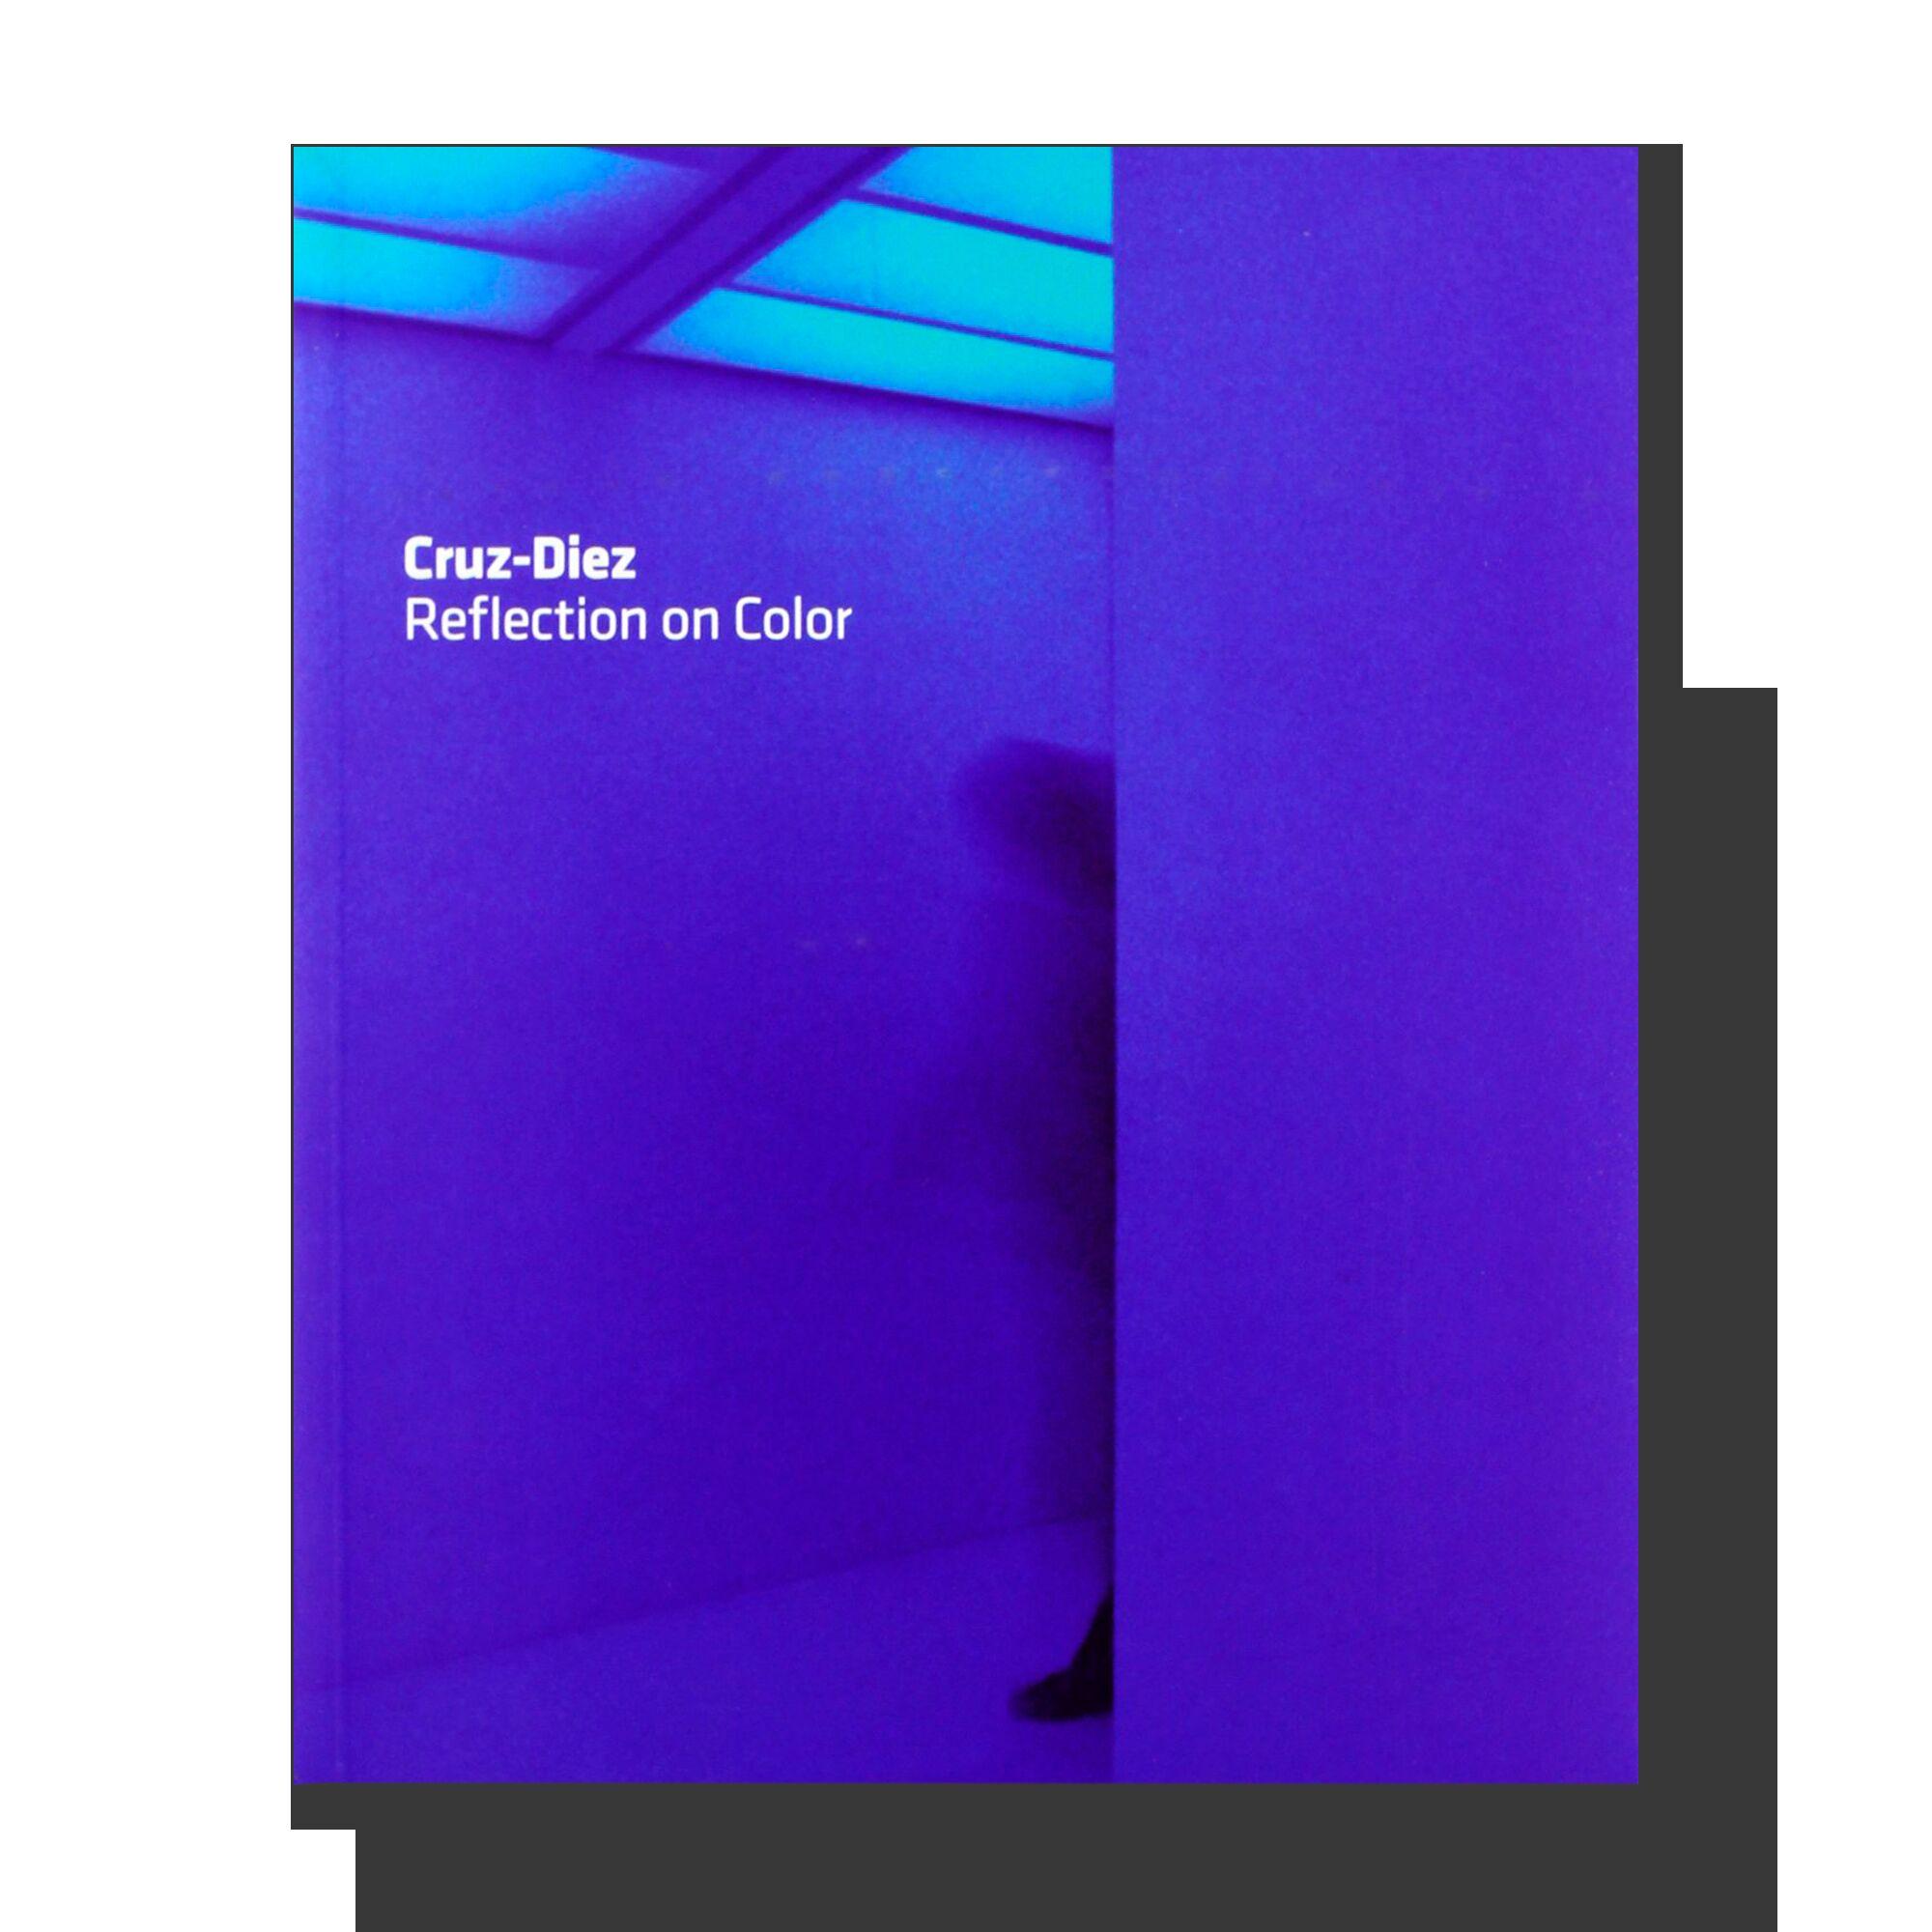 Carlos Cruz-Diez: Reflection on Color